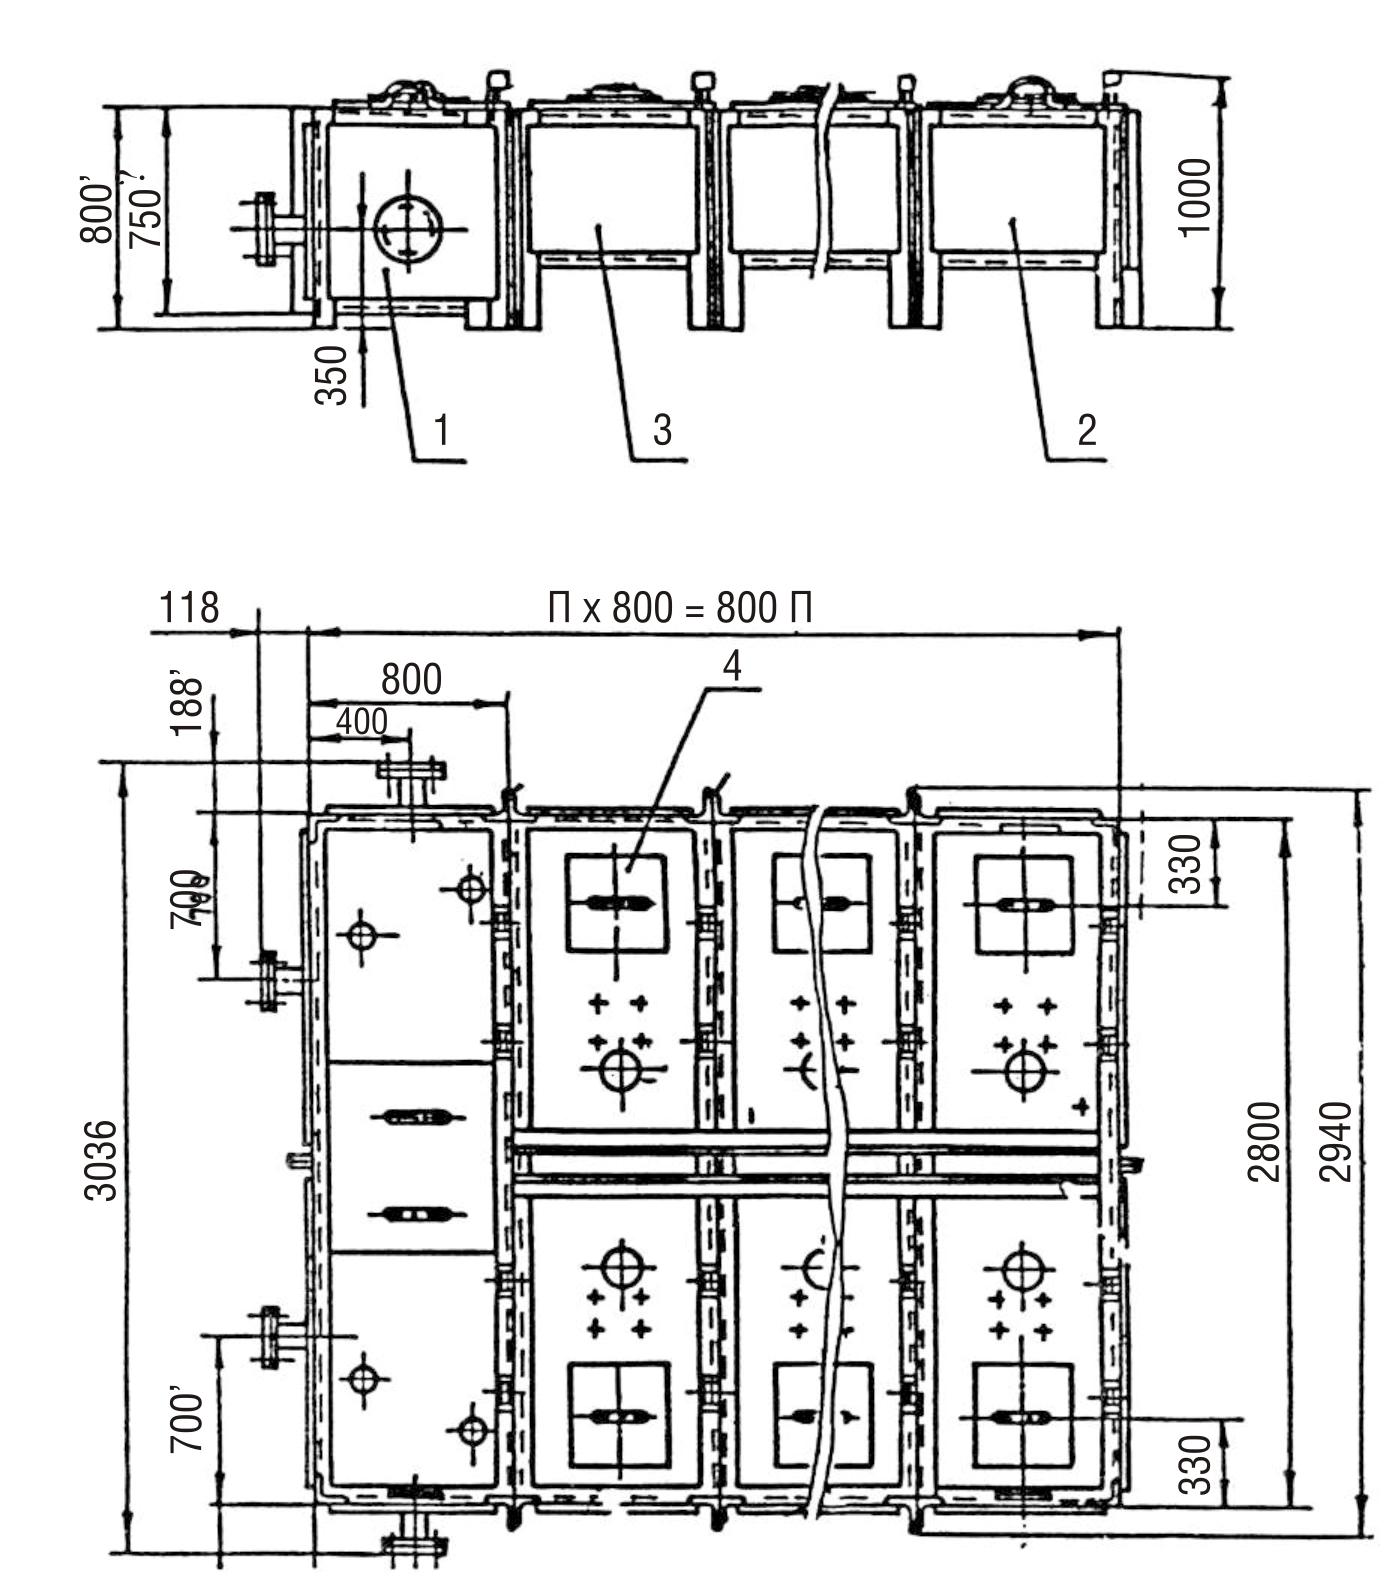 Бак фекальный МСБ-1/10 (секция приемная - 1шт., секция торцевая - 1 шт., секция рядовая - 10шт.) Сер